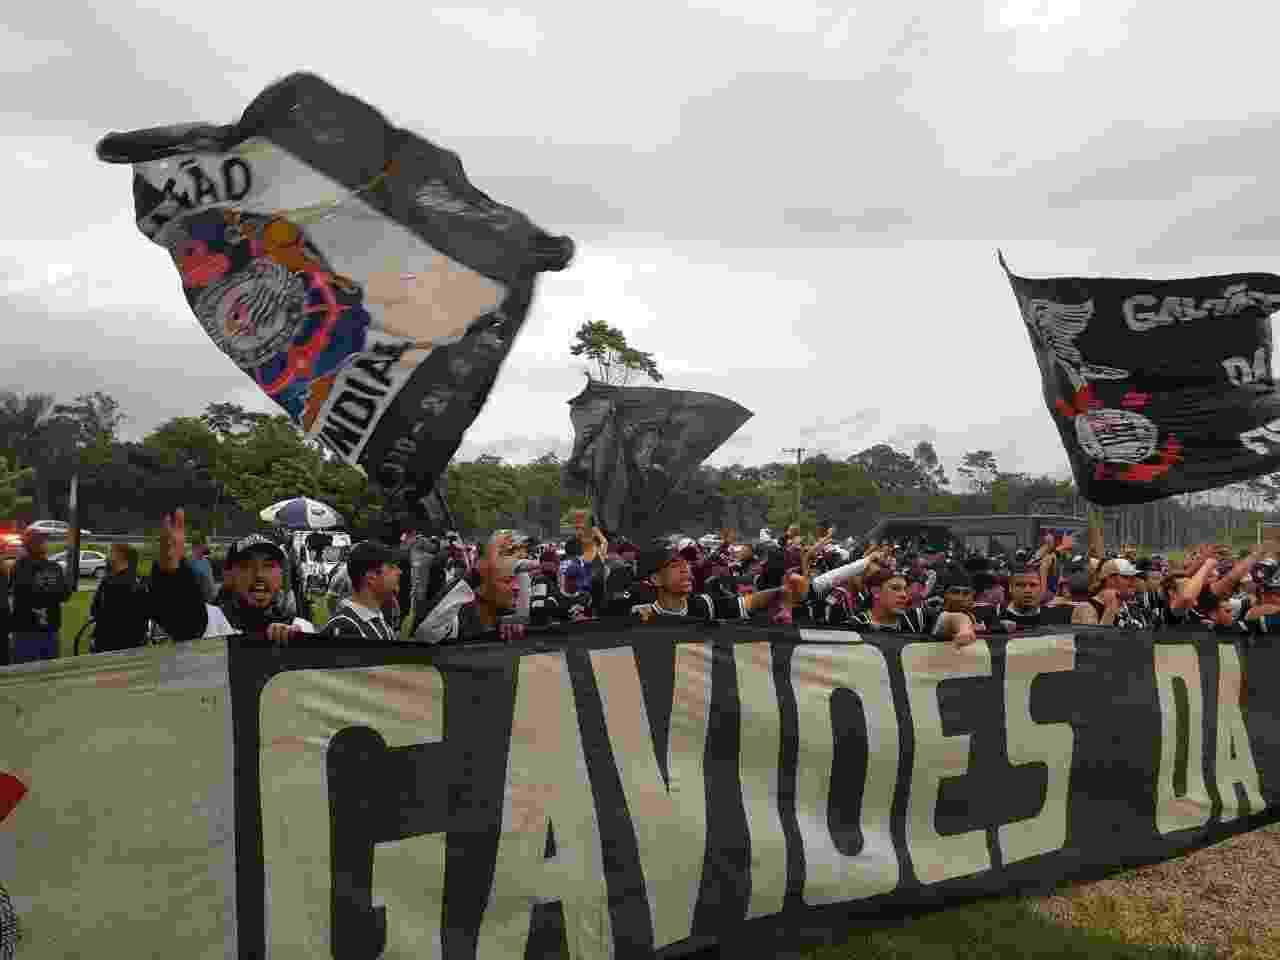 Protesto da Gaviões da Fiel no CT Joaquim Grava - Samir Carvalho/UOL Esporte